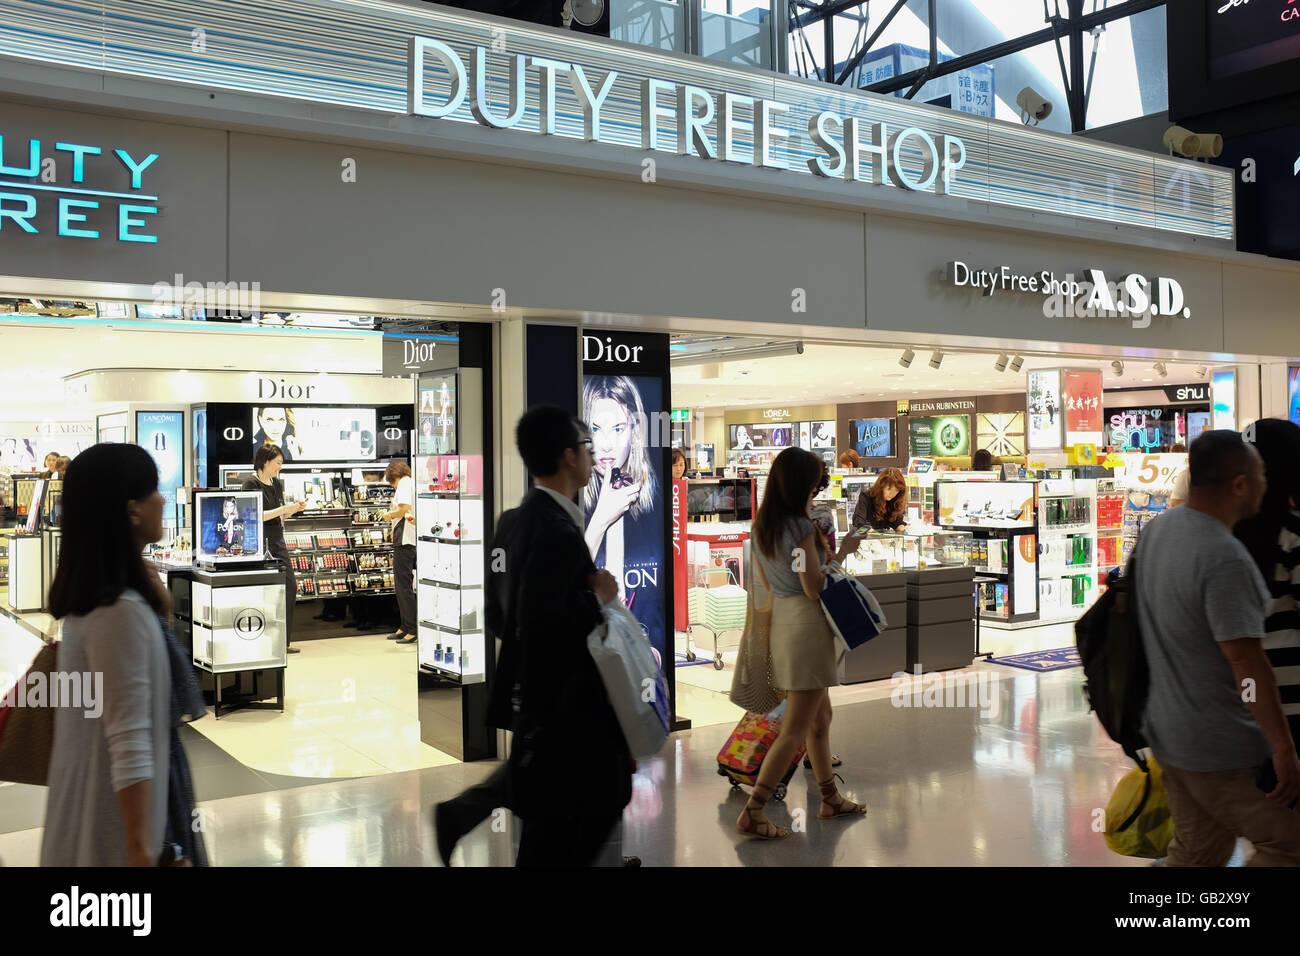 A duty free shop at Kansai airport in Osaka, Japan. - Stock Image